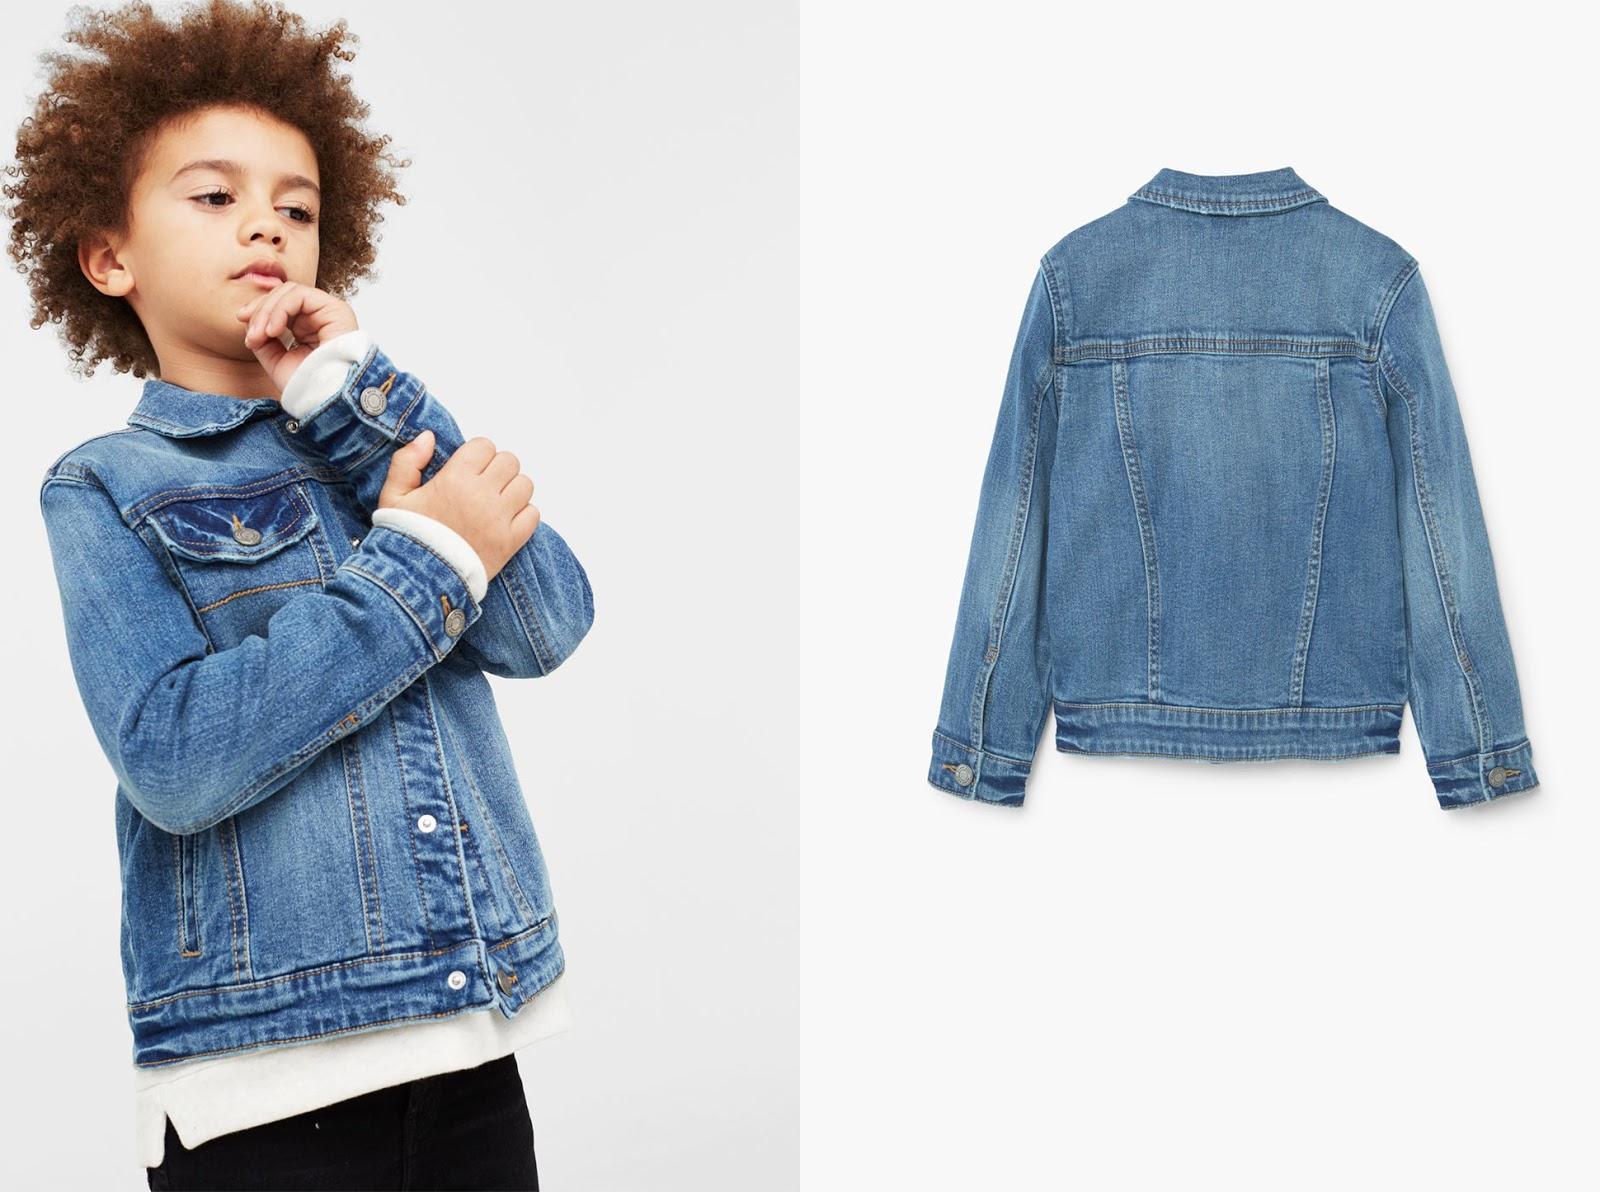 http://shop.mango.com/SK/p0/kids/clothing/jackets/denim-jacket?id=83060143_TM&n=1&s=prendas_kidsO.chaquetas_O